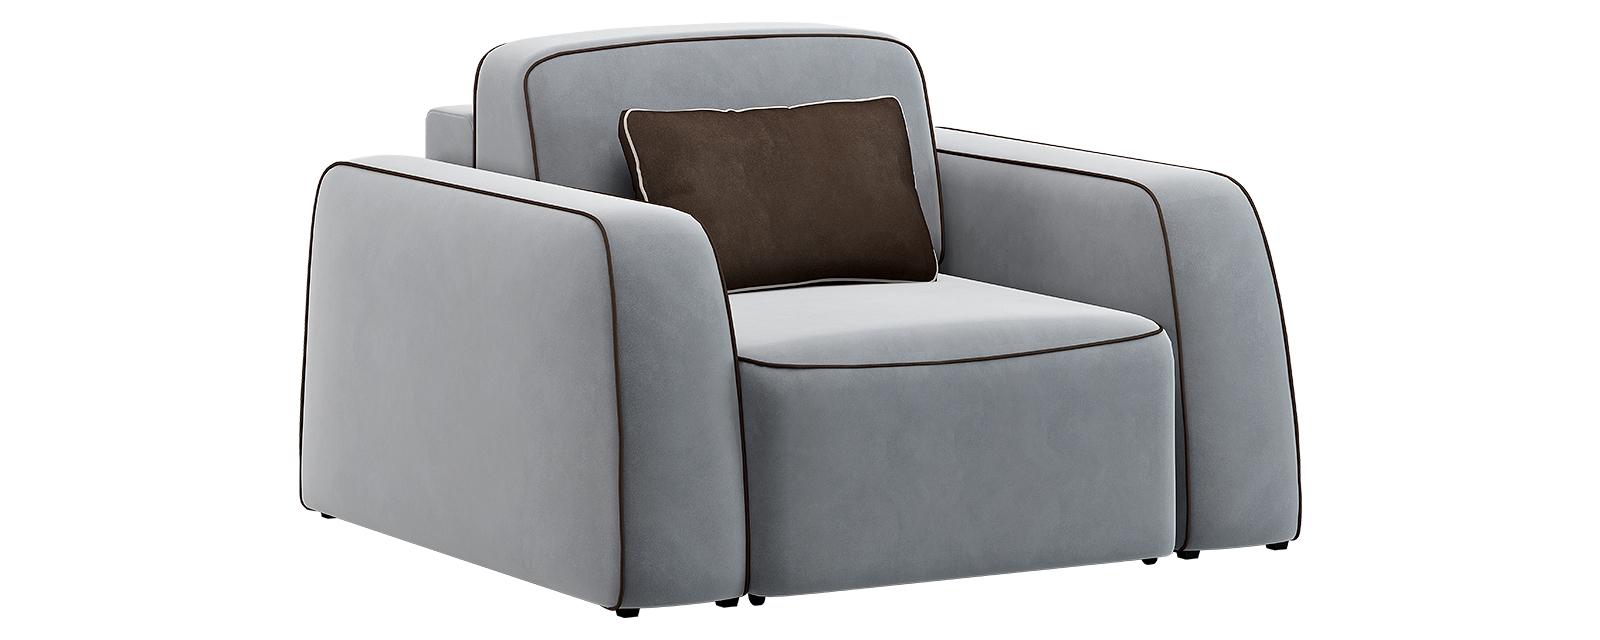 Кресло тканевое Портленд 80 см Velutto серый/тёмно-коричневый (Велюр)